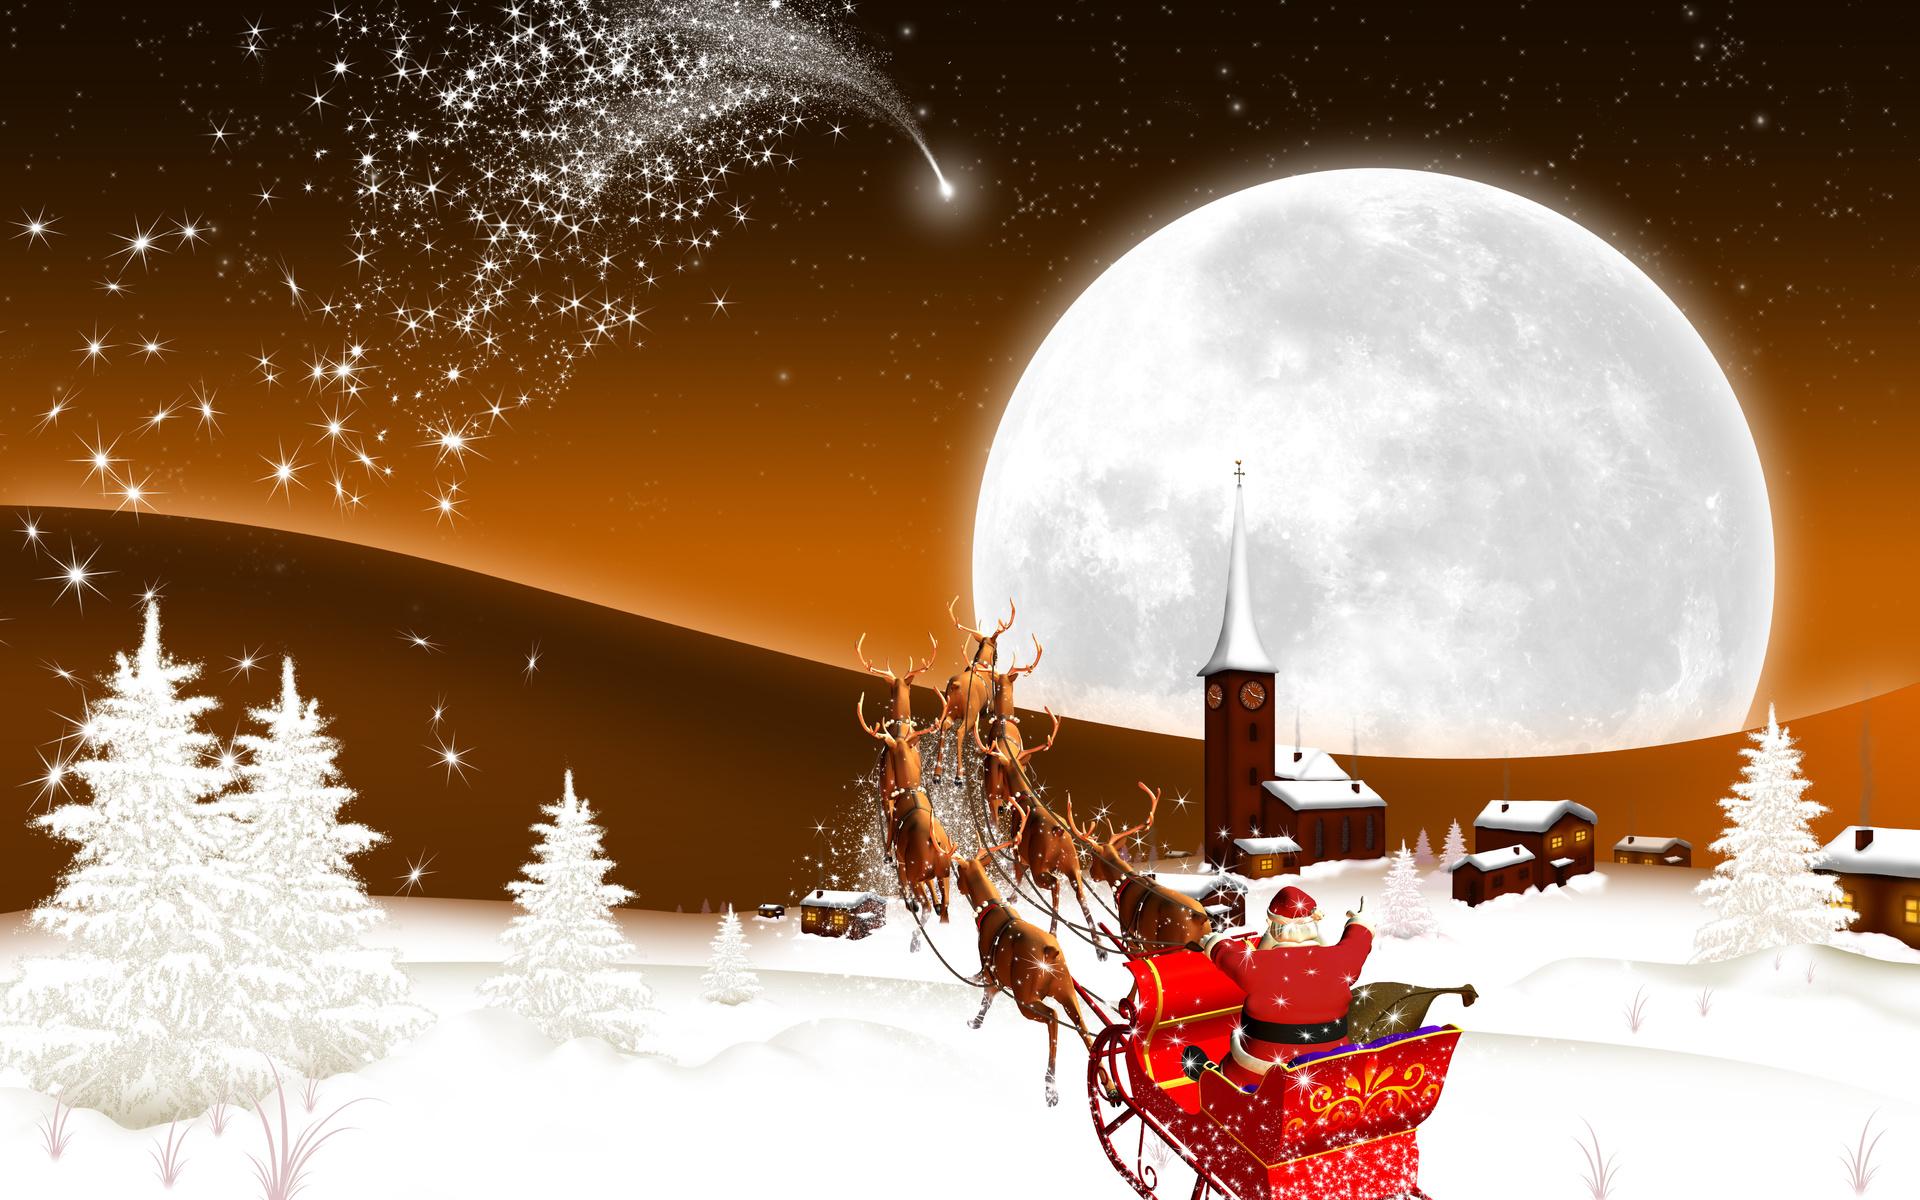 Картинки с новогодним годом